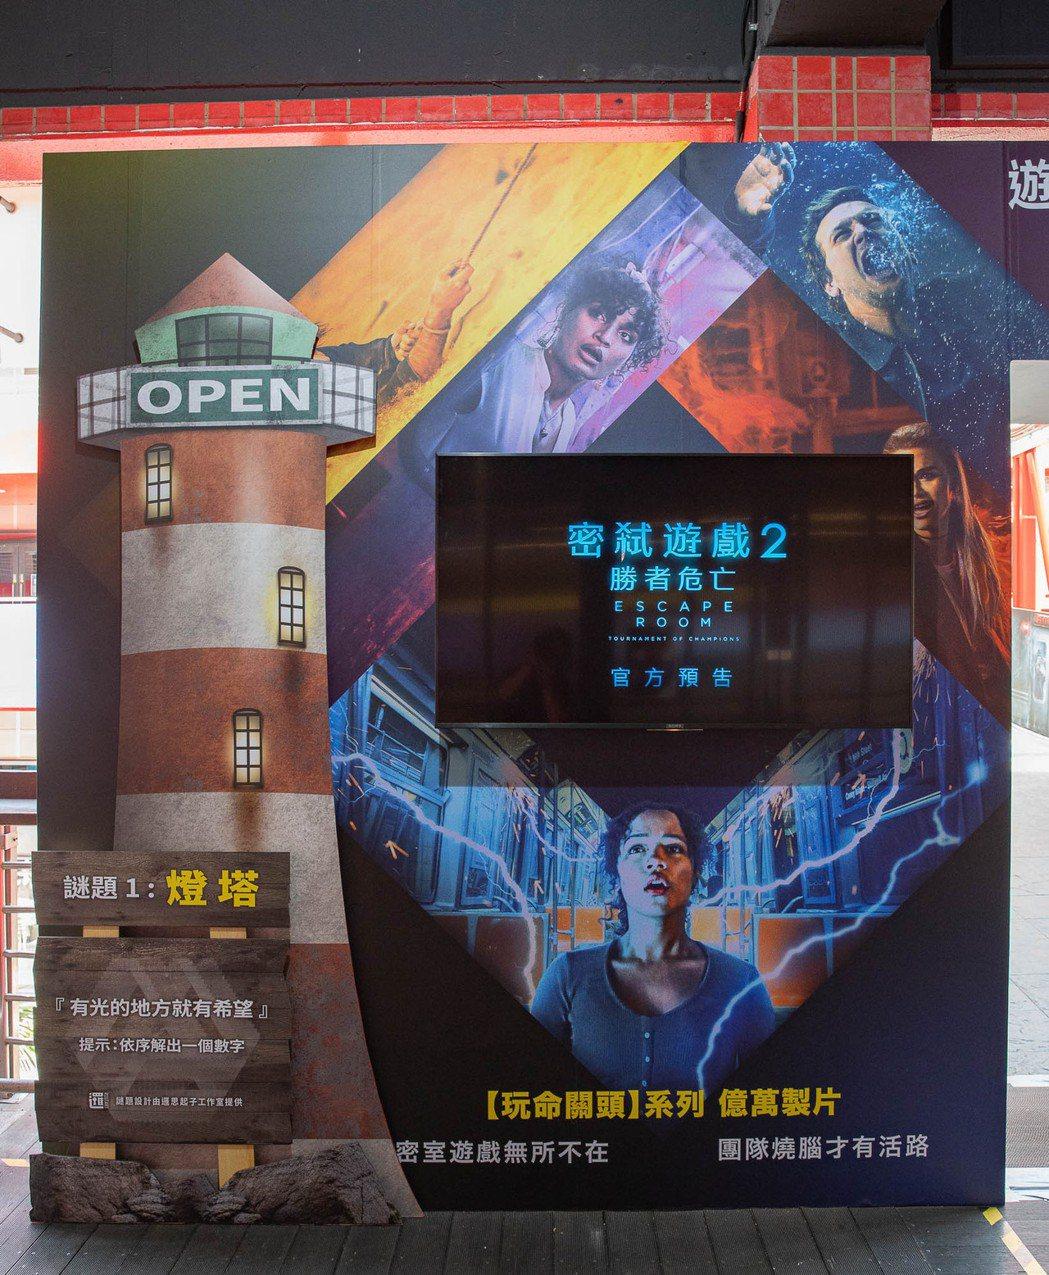 「密弒遊戲2:勝者危亡」大型解謎場景現身台北信義威秀影城。圖/索尼影業提供